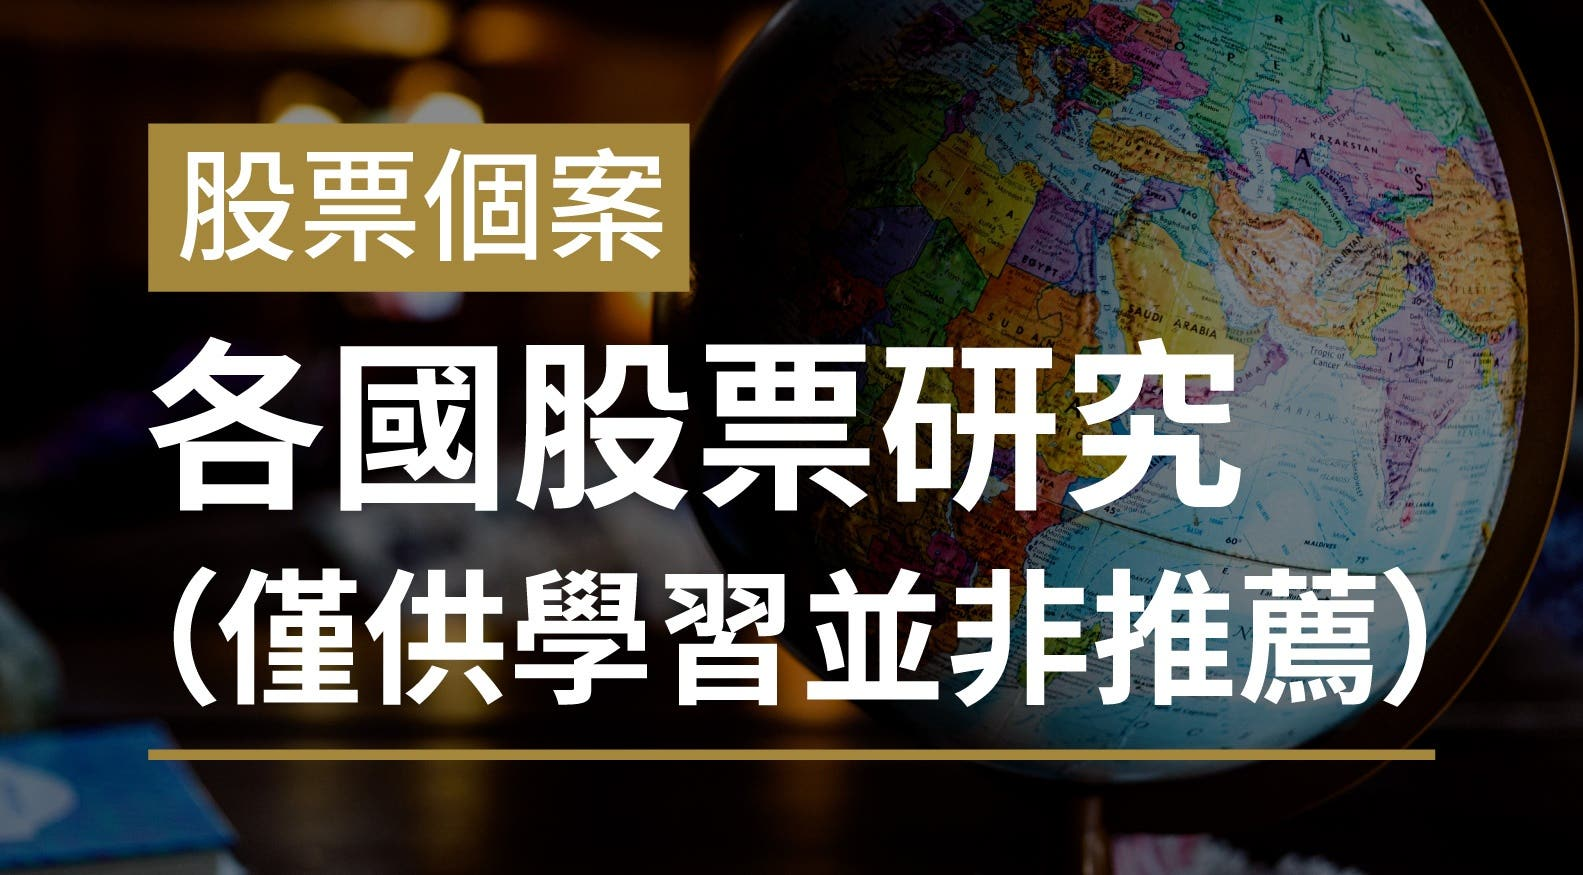 9.【股票個案】各國股票研究(僅供學習並非推薦) (45m6s)